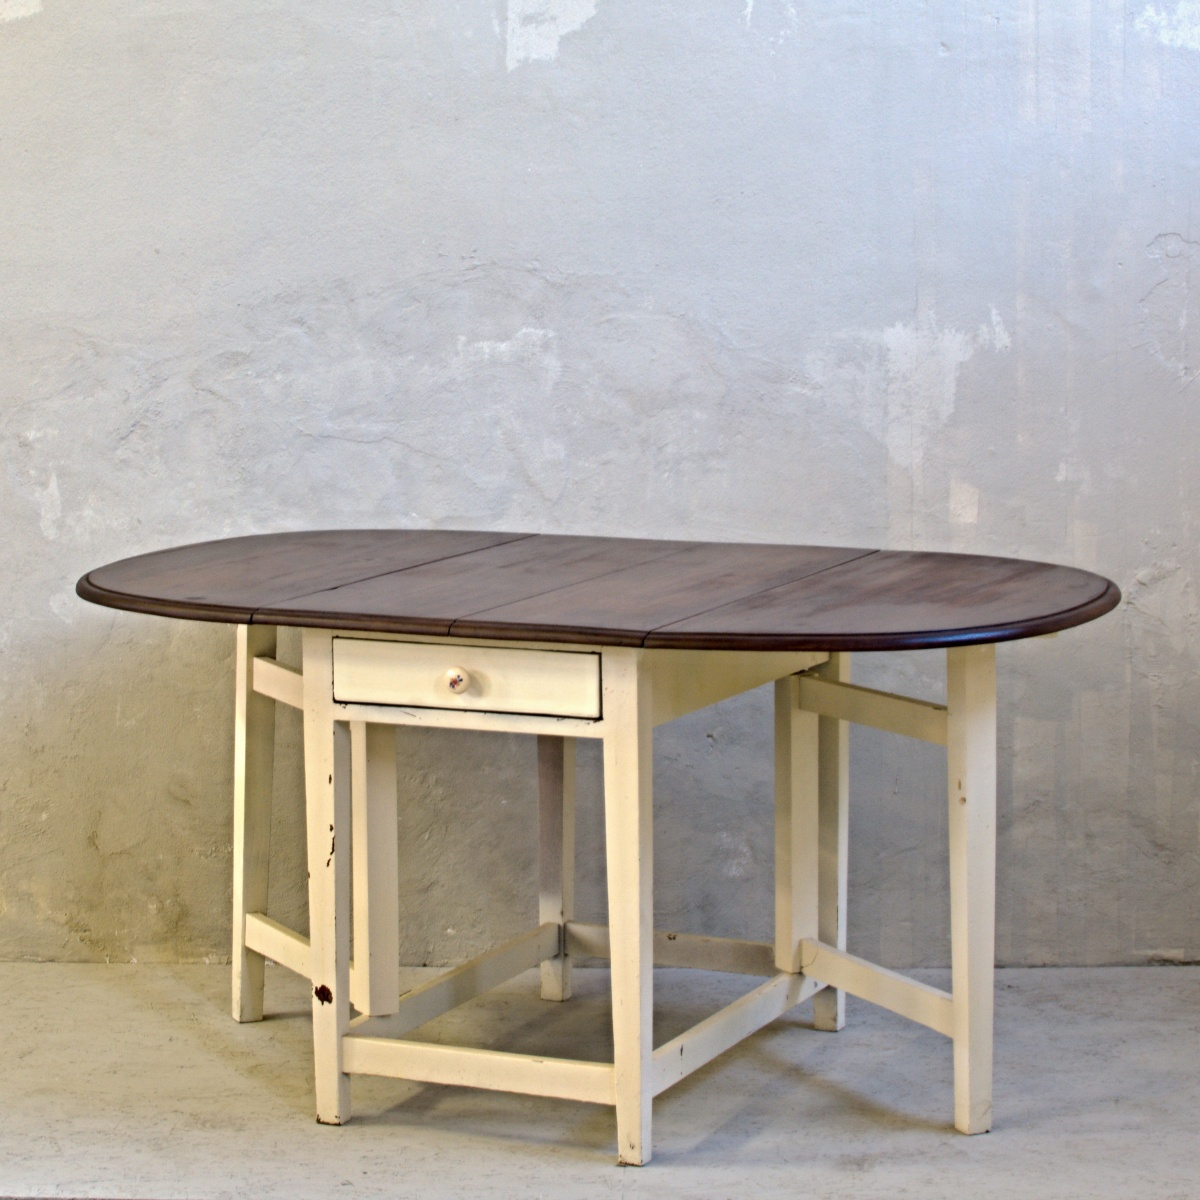 anglický rozkládací stůl tzv. dropleaf po celkové renovaci oživeno